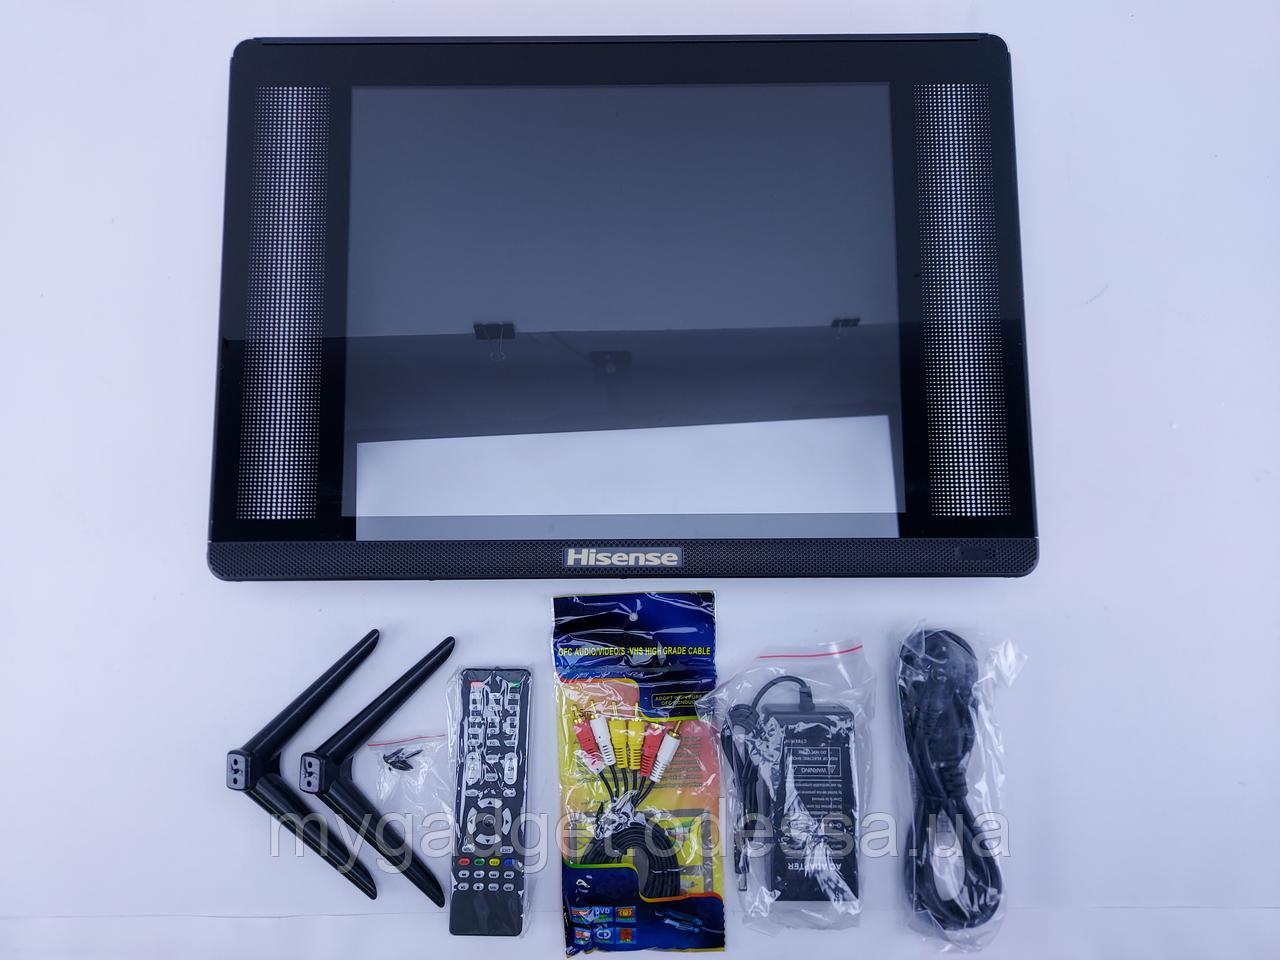 """Фірмовий Телевізор Hisense 15"""" HD-Ready/DVB-T2/USB (1366x768)"""